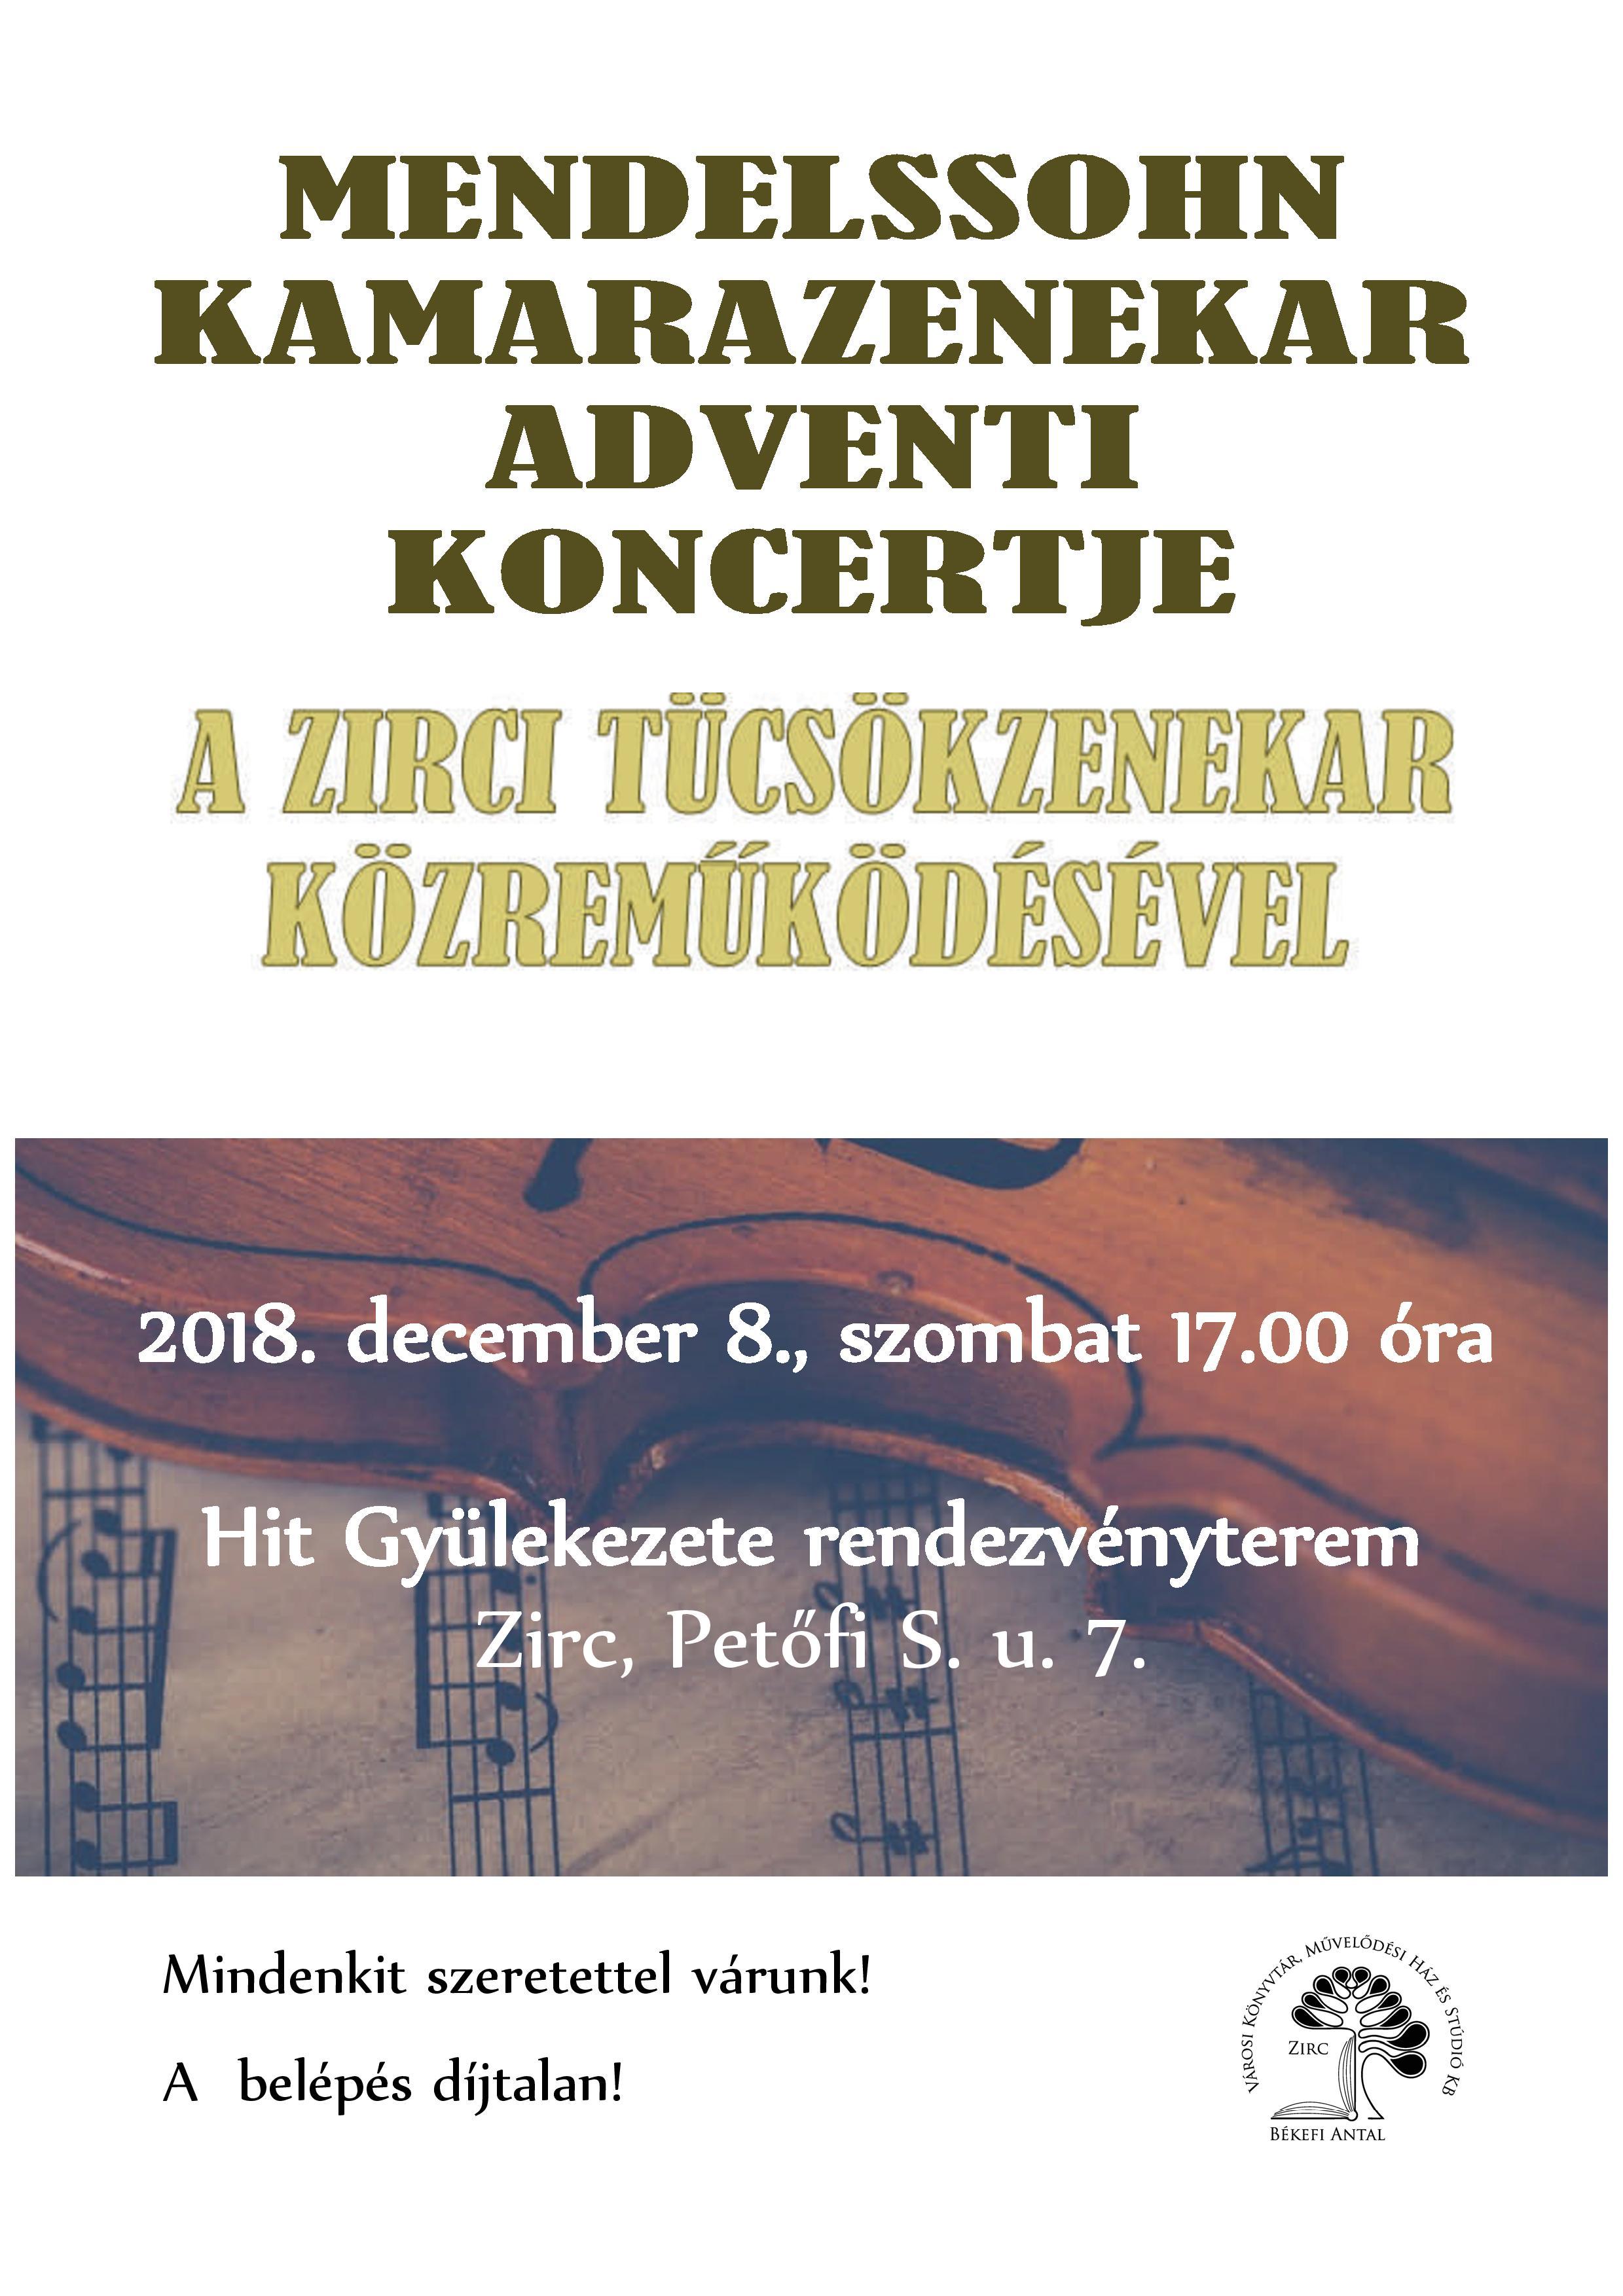 2018-12-08_mendelssohn-page-001.jpg